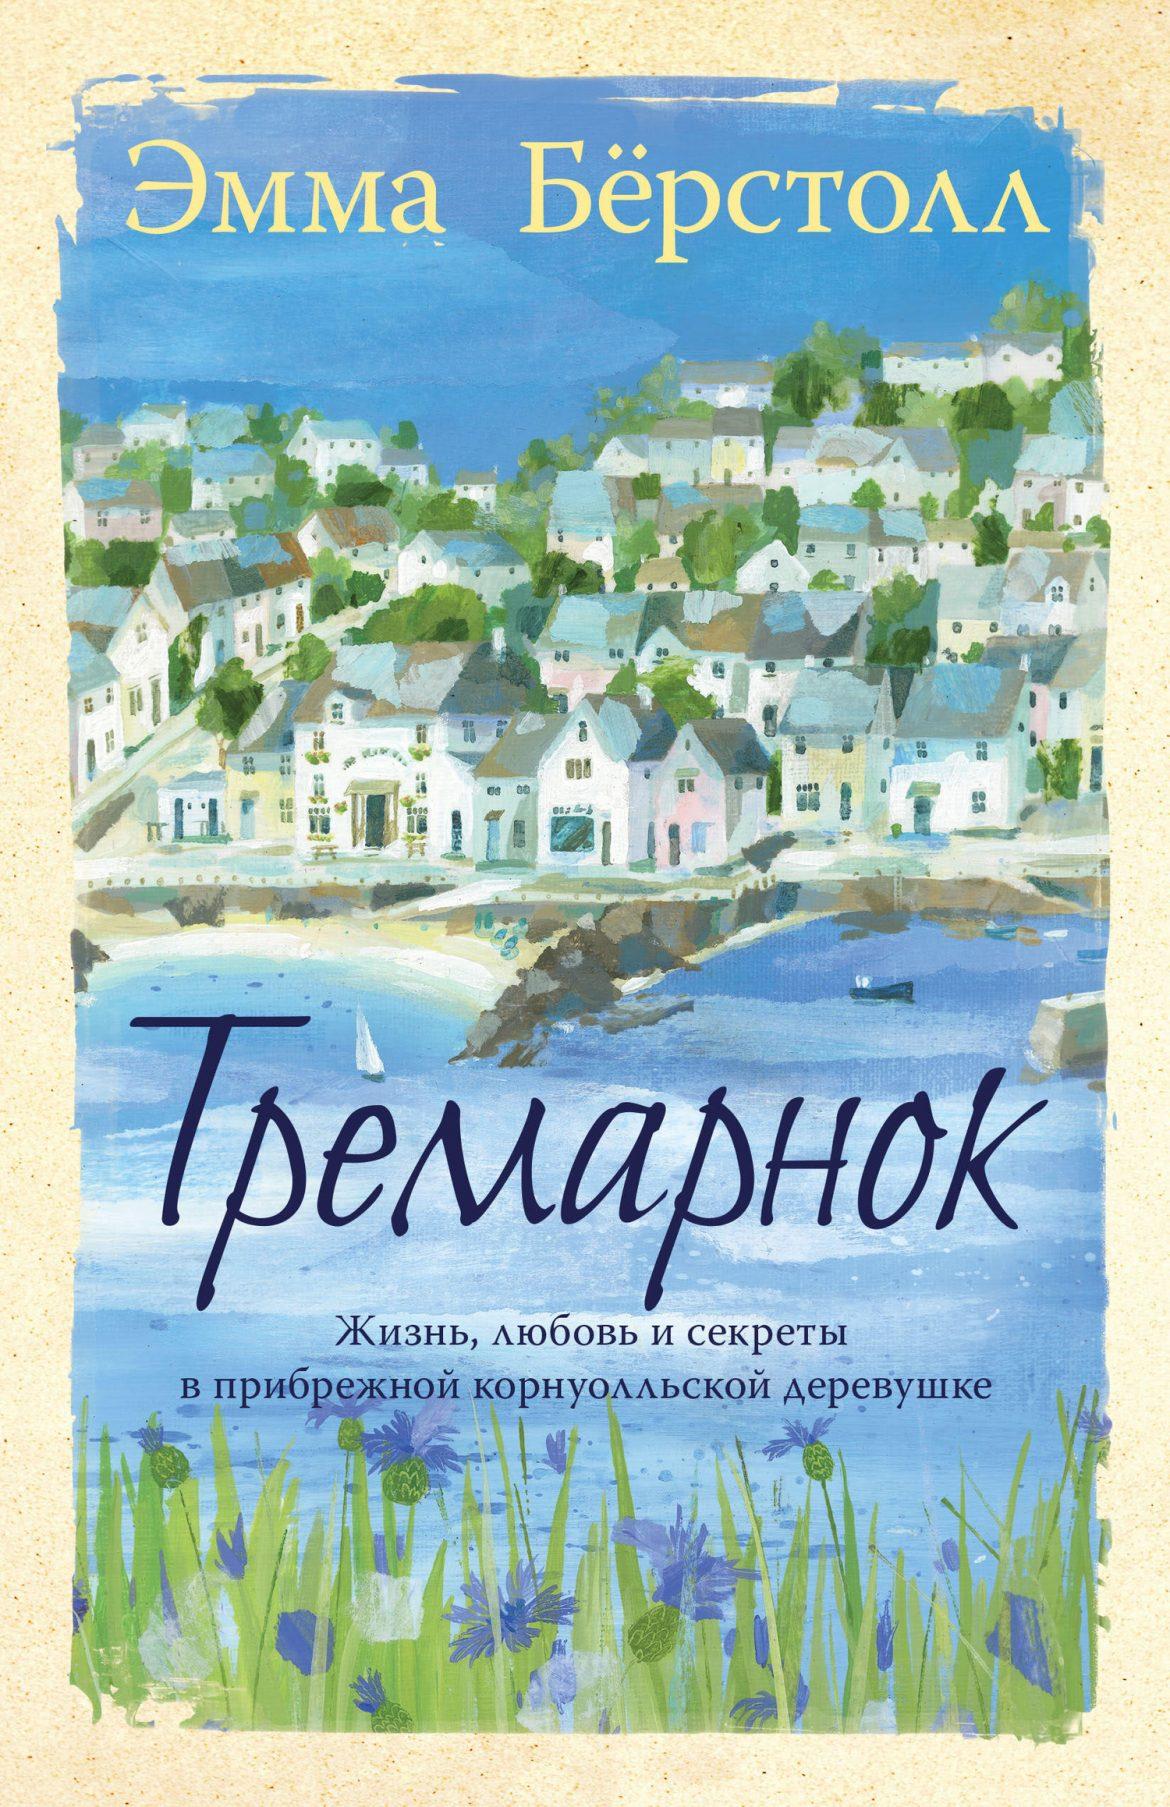 Тремарнок — Эмма Берстолл